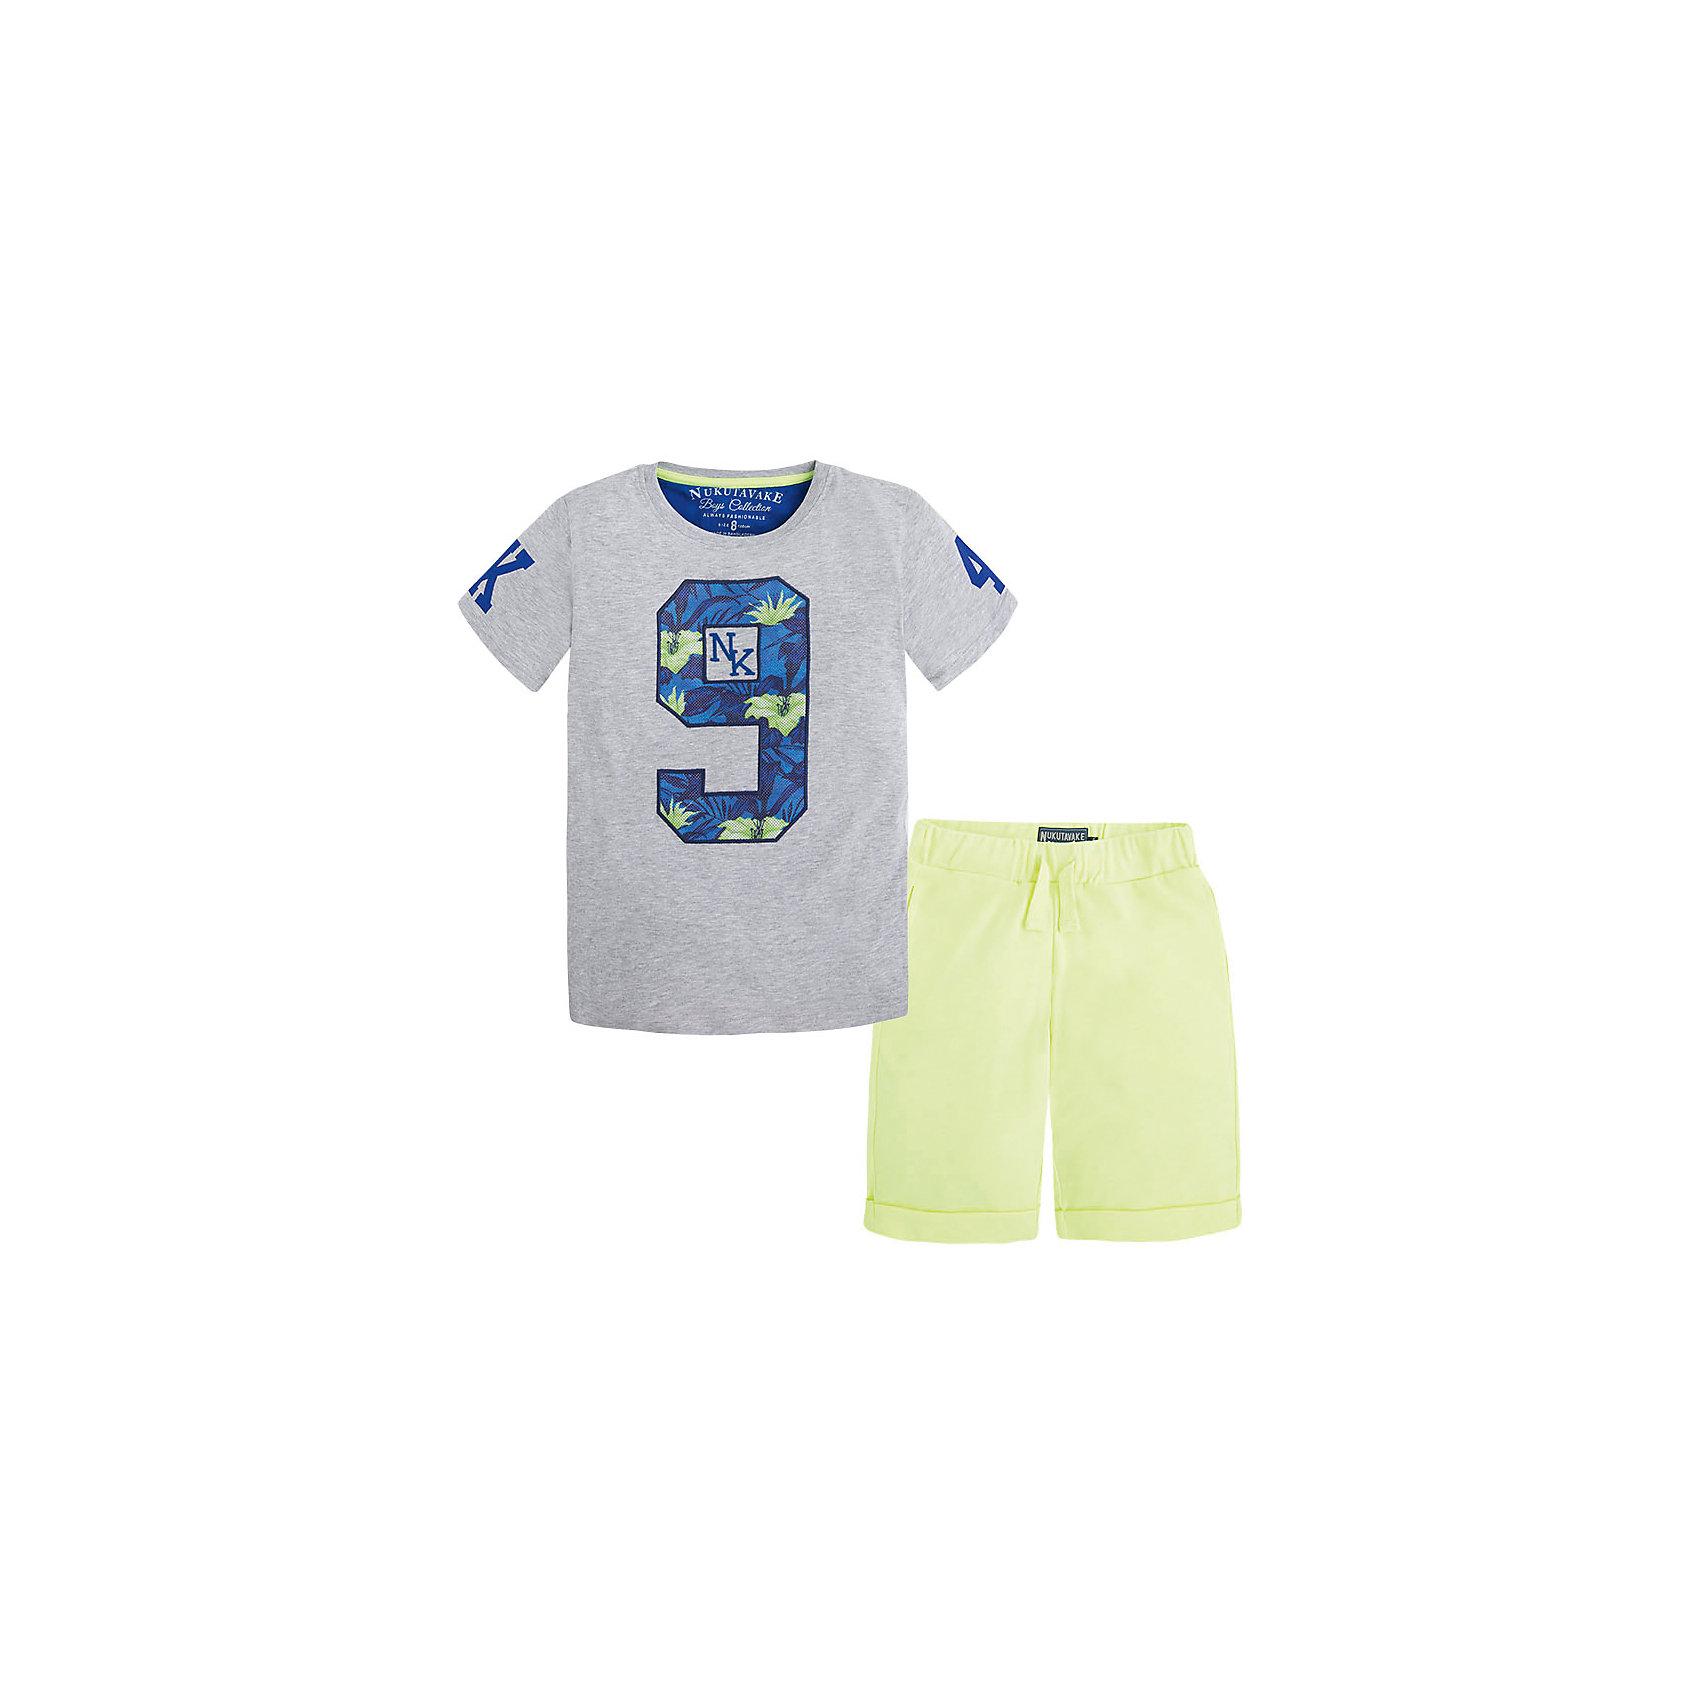 Комплект для мальчика: футболка и шорты MayoralКомплект для мальчика: футболка и шорты от известной испанской марки Mayoral - прекрасный вариант для жаркой погоды.<br><br>Дополнительная информация:<br><br>- Мягкая трикотажная ткань<br>- Округлый вырез горловины.<br>- Горловина в рубчик.<br>- Майка с ярким принтом на груди и рукавах. <br>- Шорты прямого кроя, с отворотами.<br>- На эластичном поясе с кулиской.<br>- 2 боковых кармана. <br>- Состав: 93 % хлопок, 7% полиэстер. <br><br>Комплект для мальчика: футболку и шорты Mayoral (Майорал) можно купить в нашем магазине.<br><br>Ширина мм: 199<br>Глубина мм: 10<br>Высота мм: 161<br>Вес г: 151<br>Цвет: серый<br>Возраст от месяцев: 132<br>Возраст до месяцев: 144<br>Пол: Мужской<br>Возраст: Детский<br>Размер: 152,164,140,158,128<br>SKU: 4538692